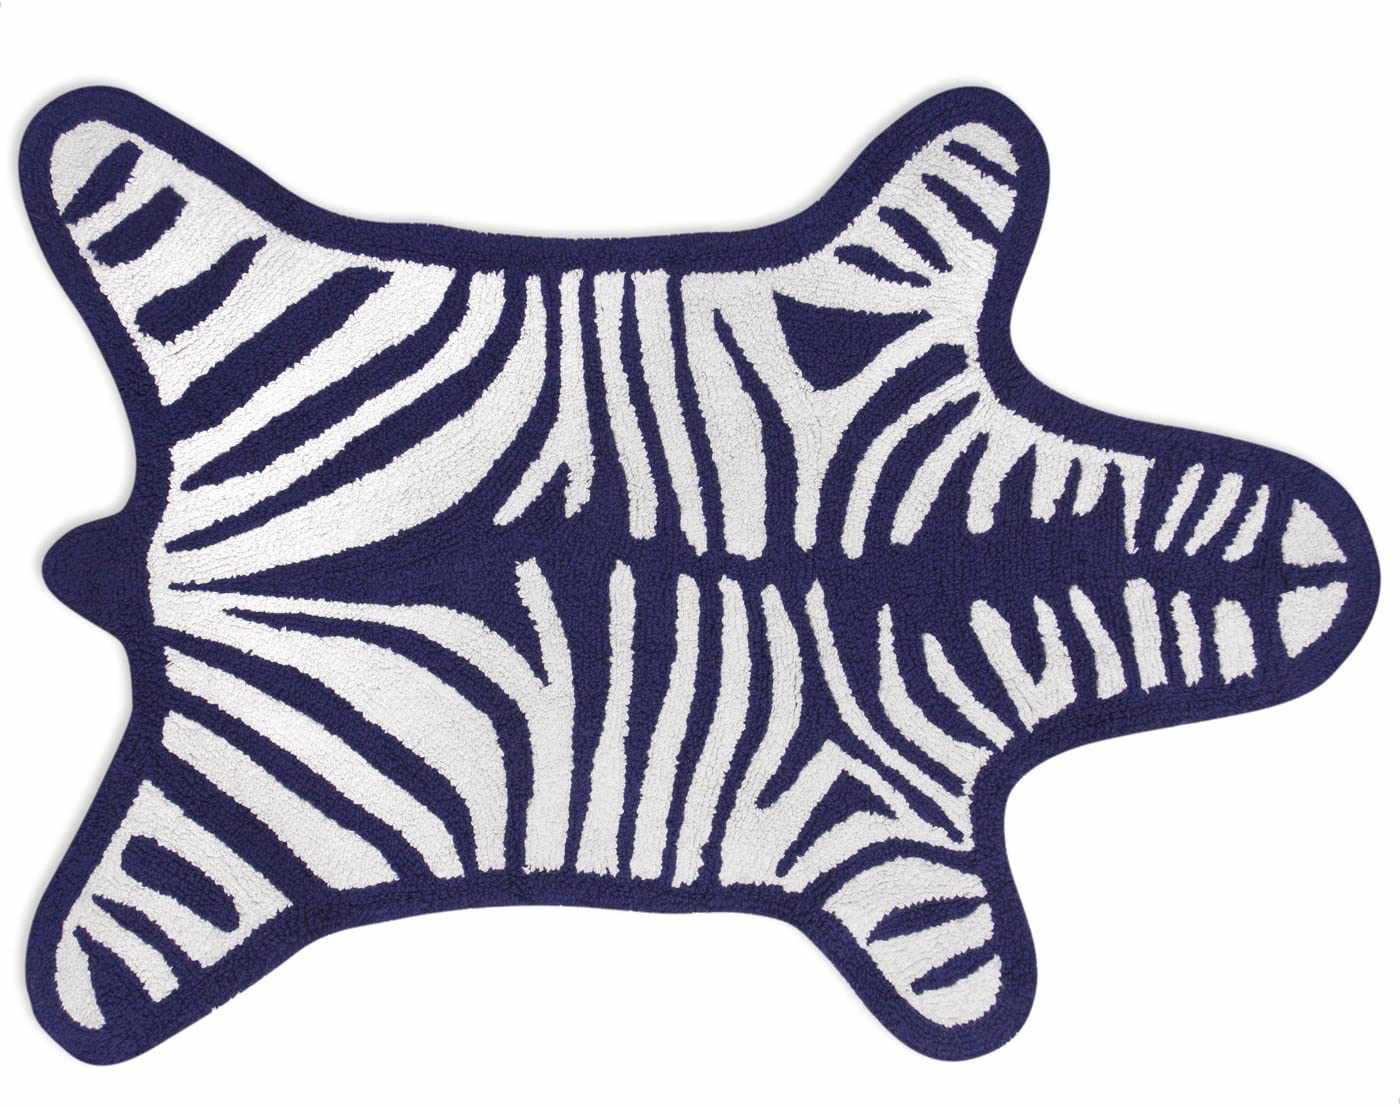 Jonathan Adler Reversible Zebra Bathmat, Navy